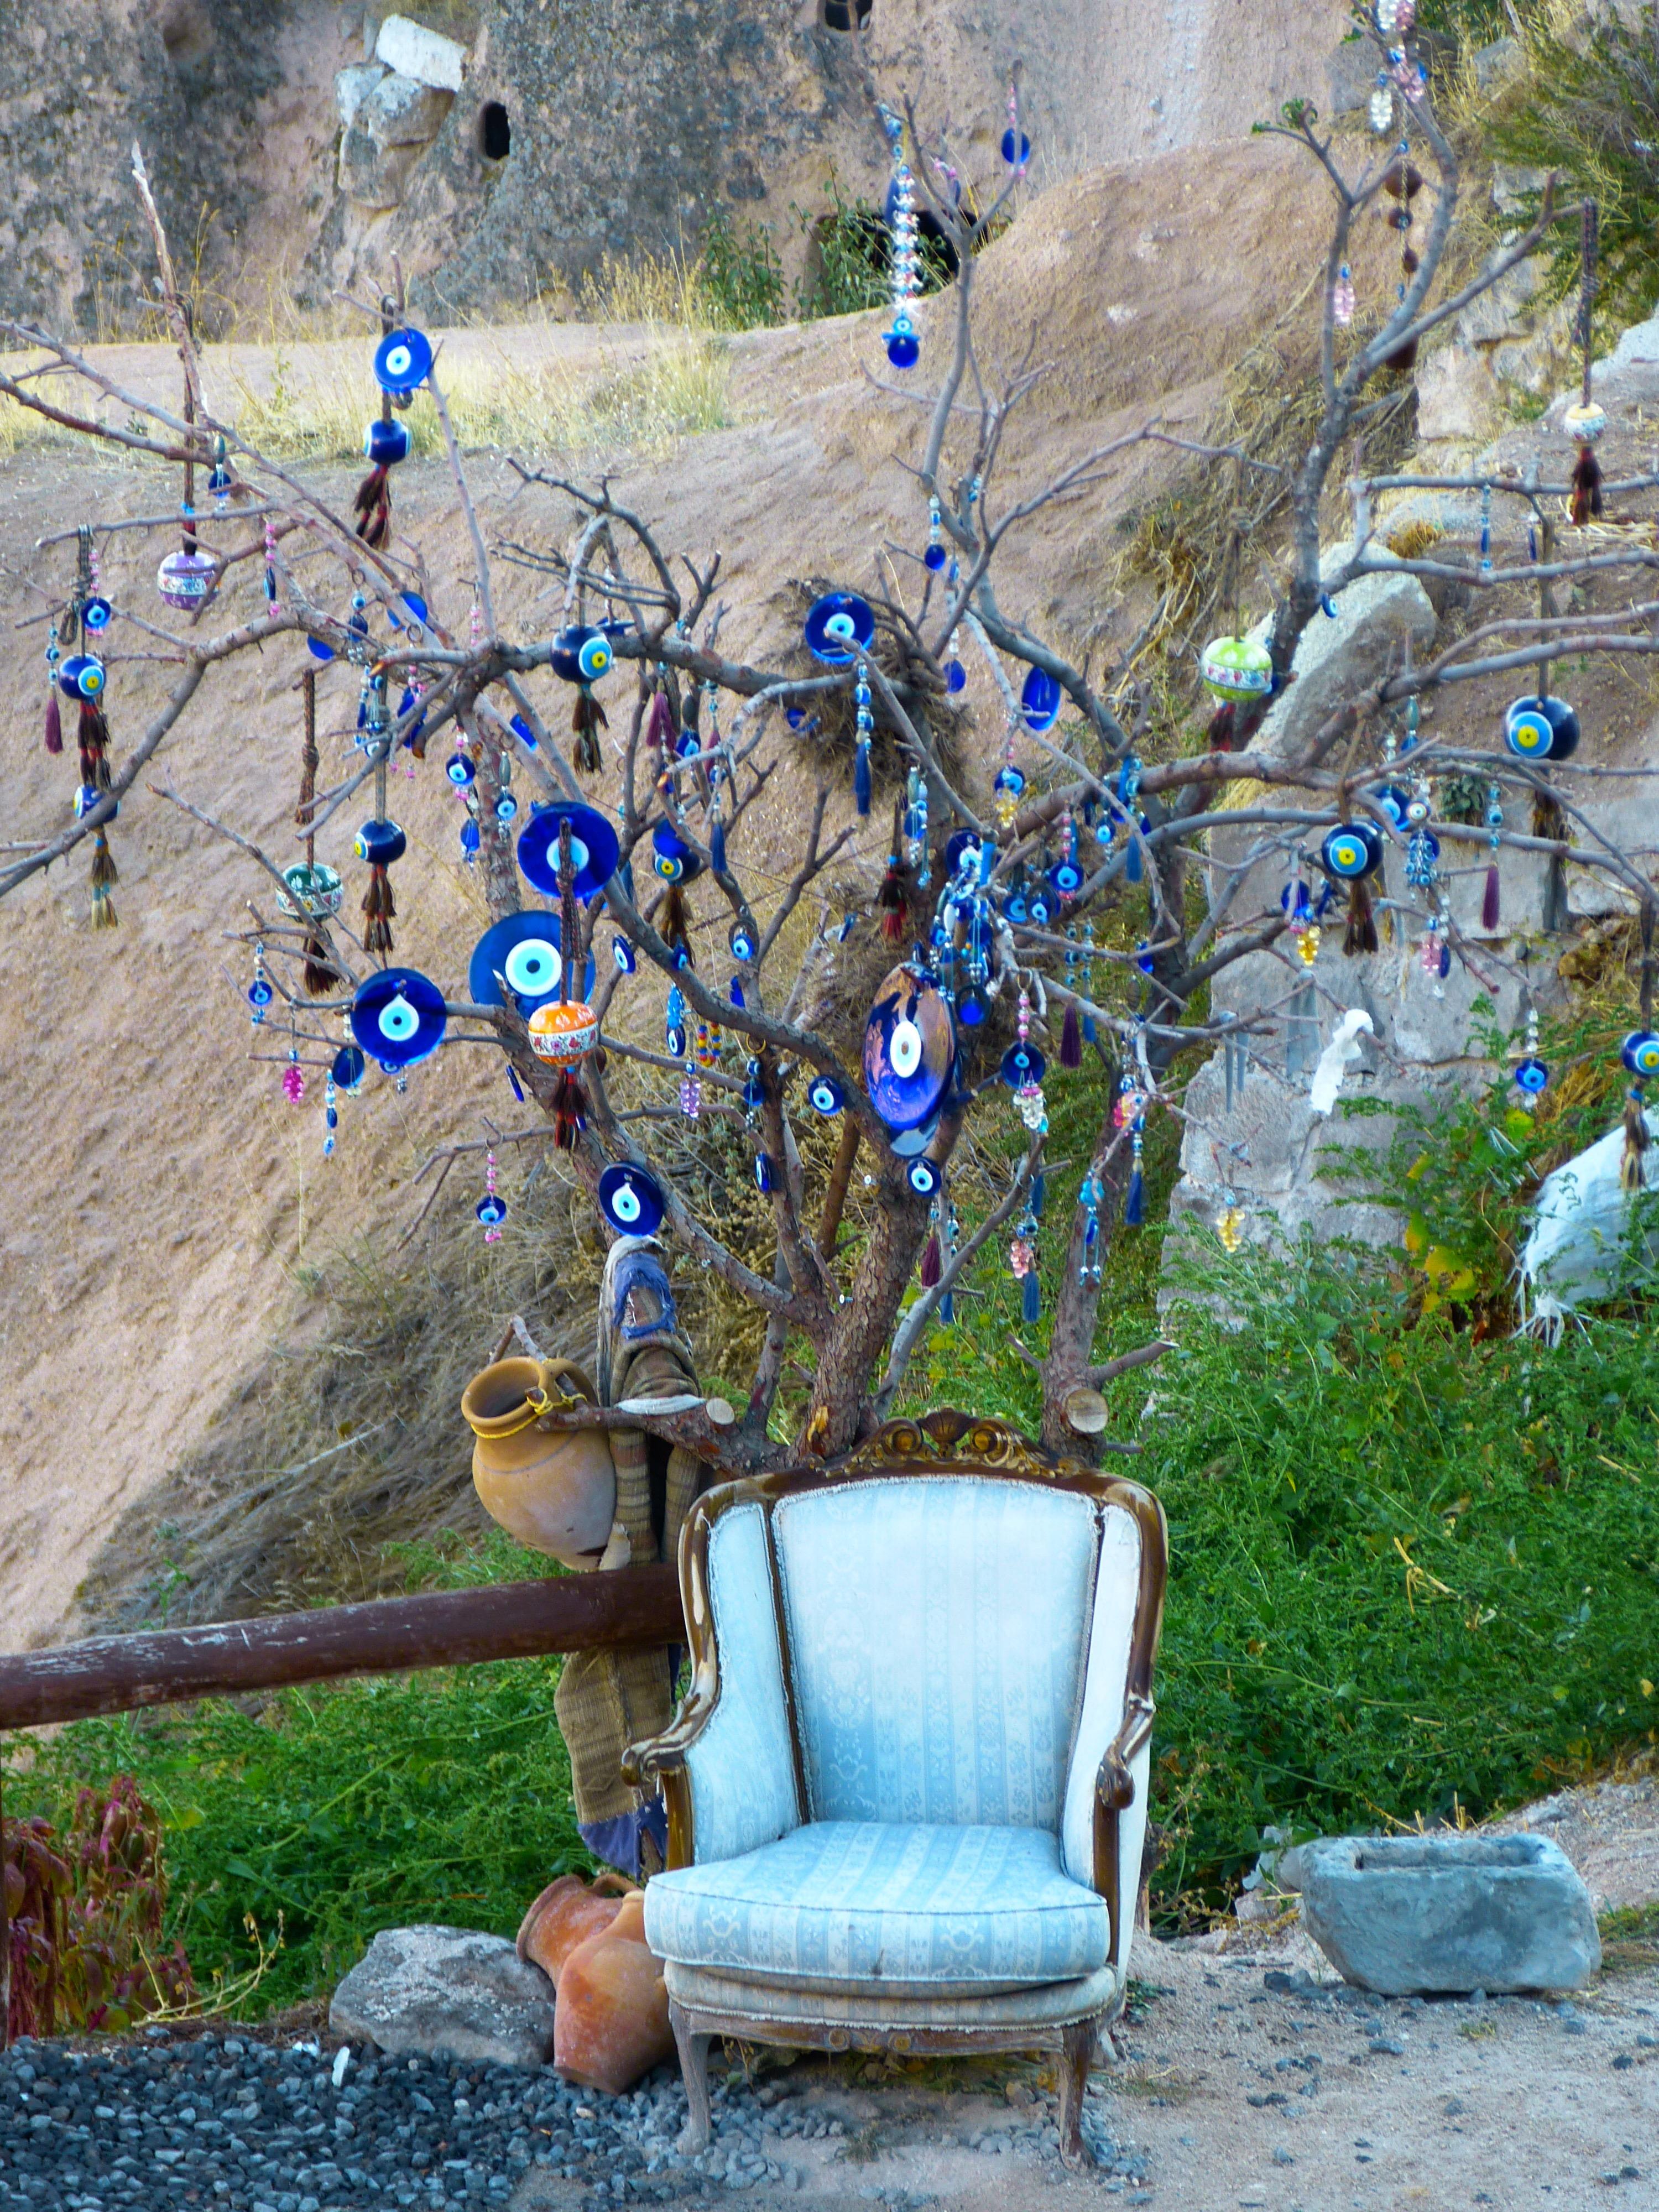 kostenlose foto baum wasser licht blume sessel glas fr hling blau garten flora. Black Bedroom Furniture Sets. Home Design Ideas